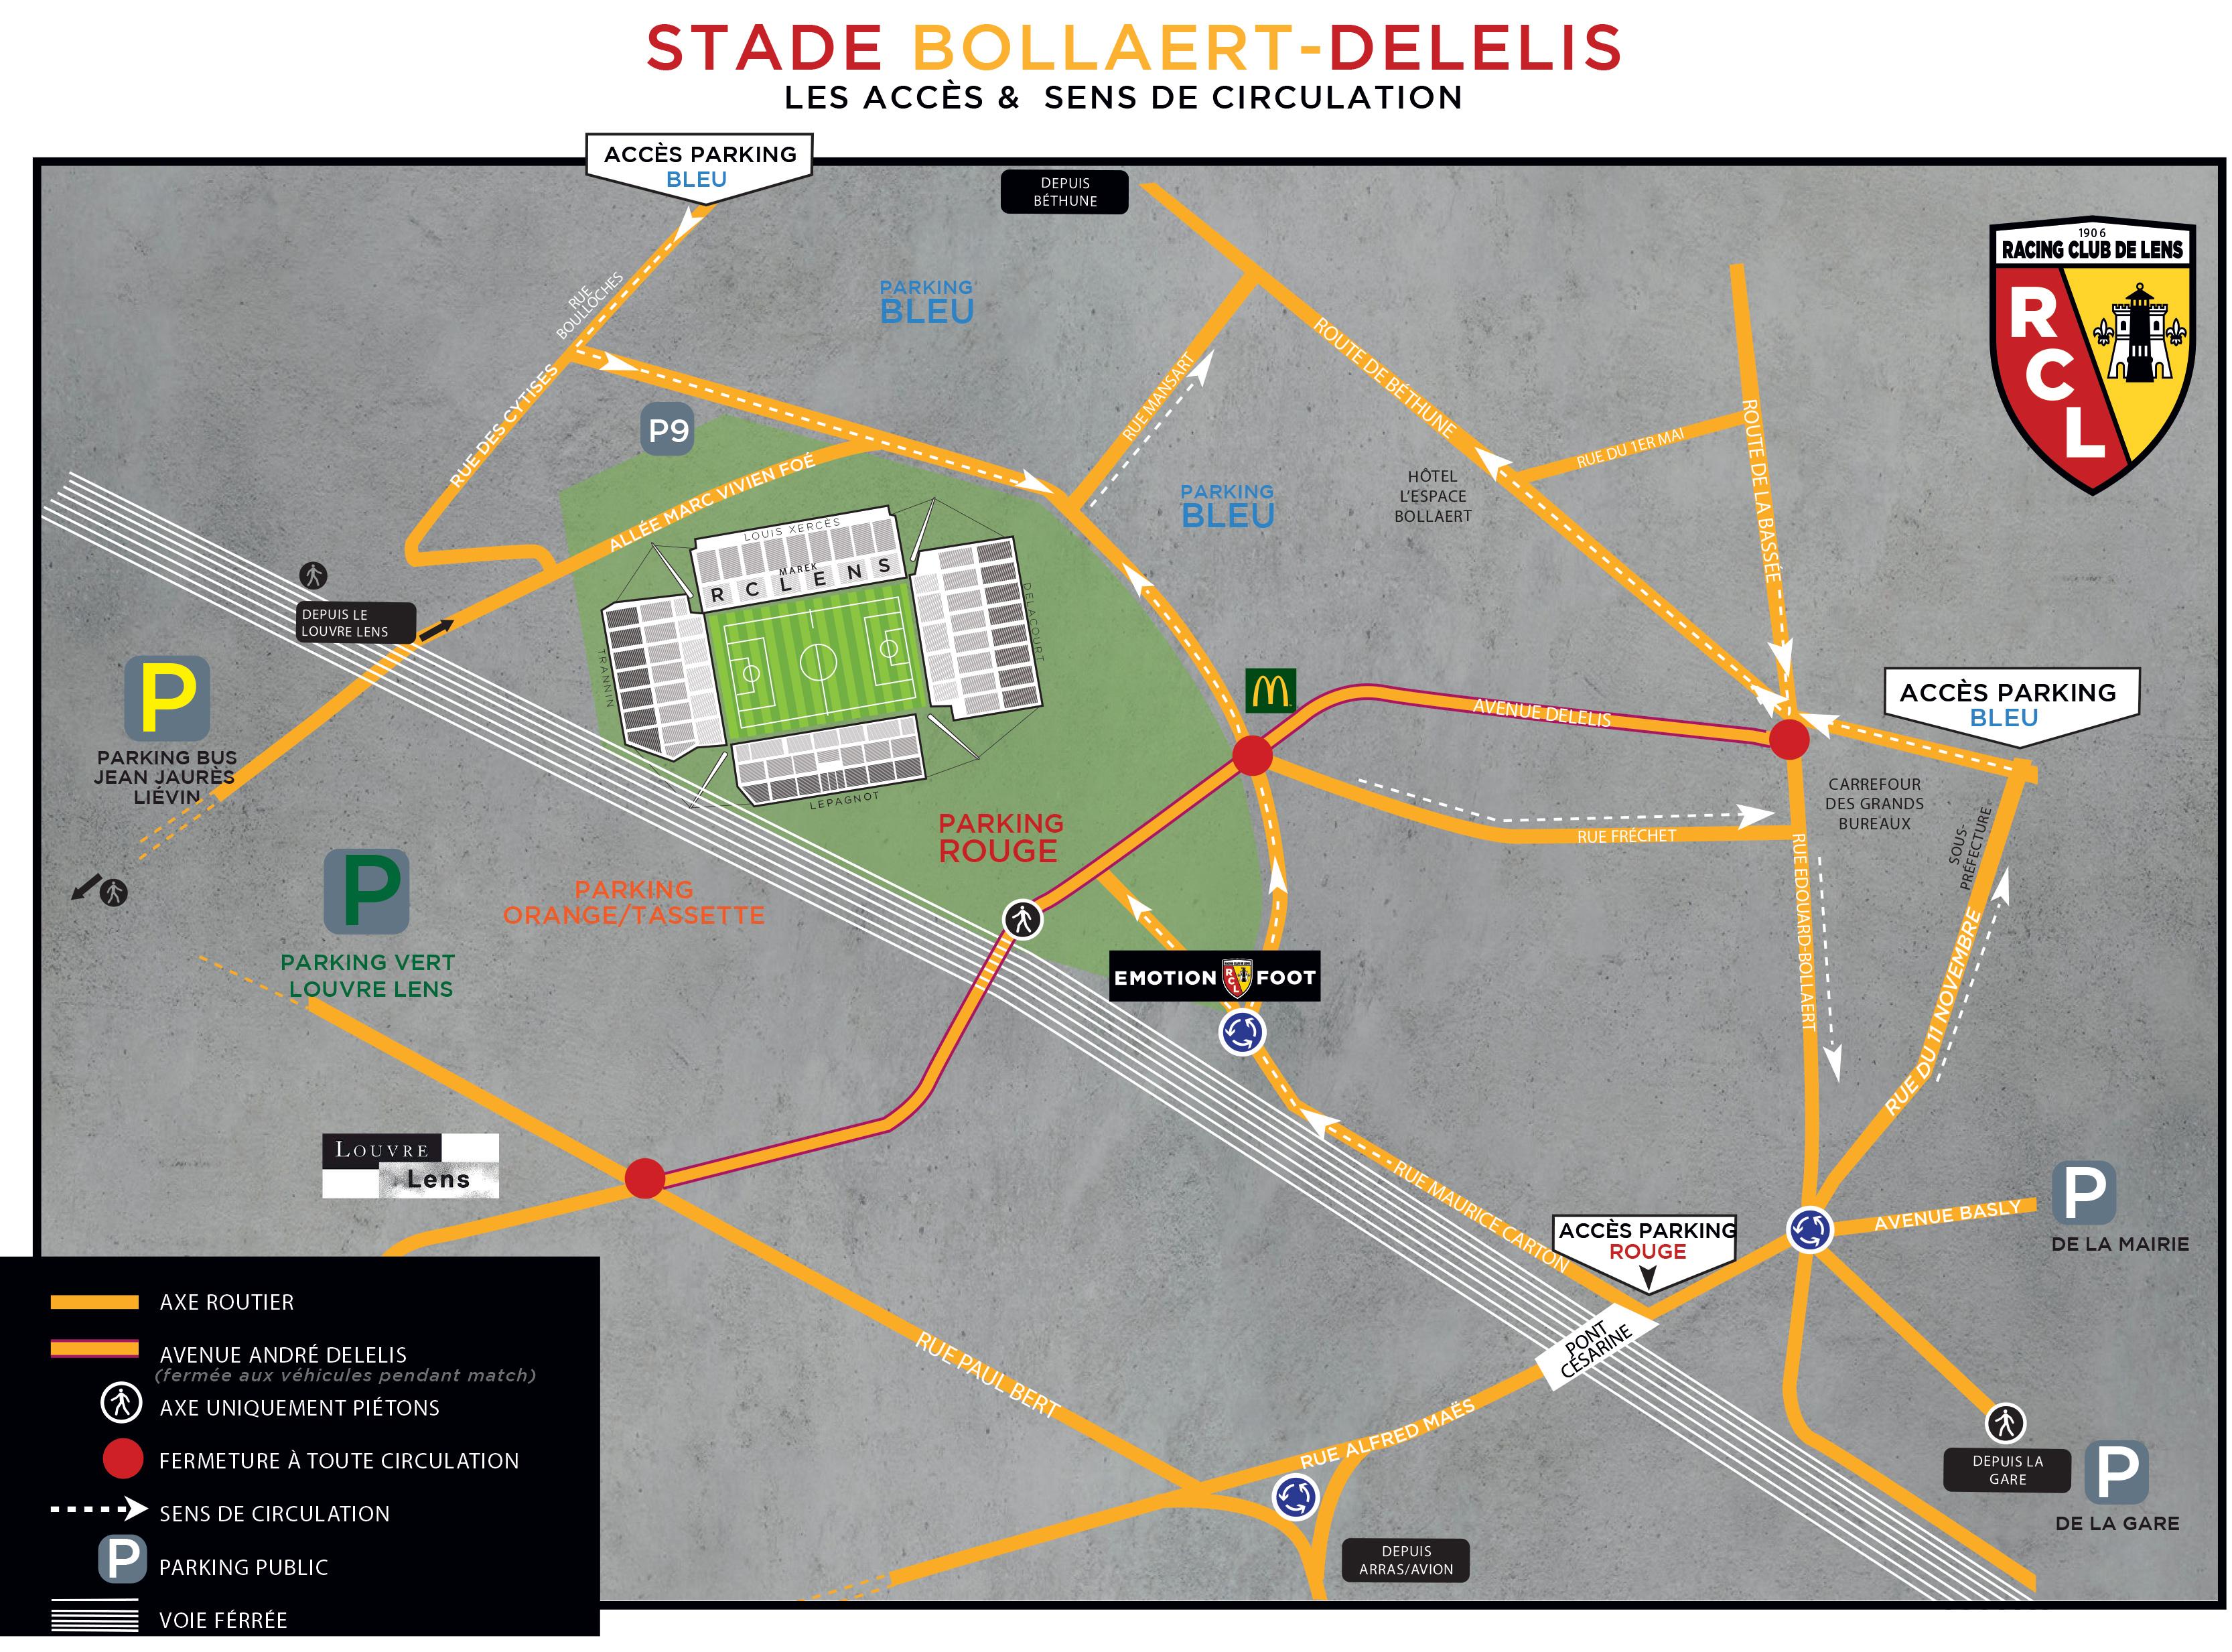 21-22 parkings stade Bollaert-Delelis